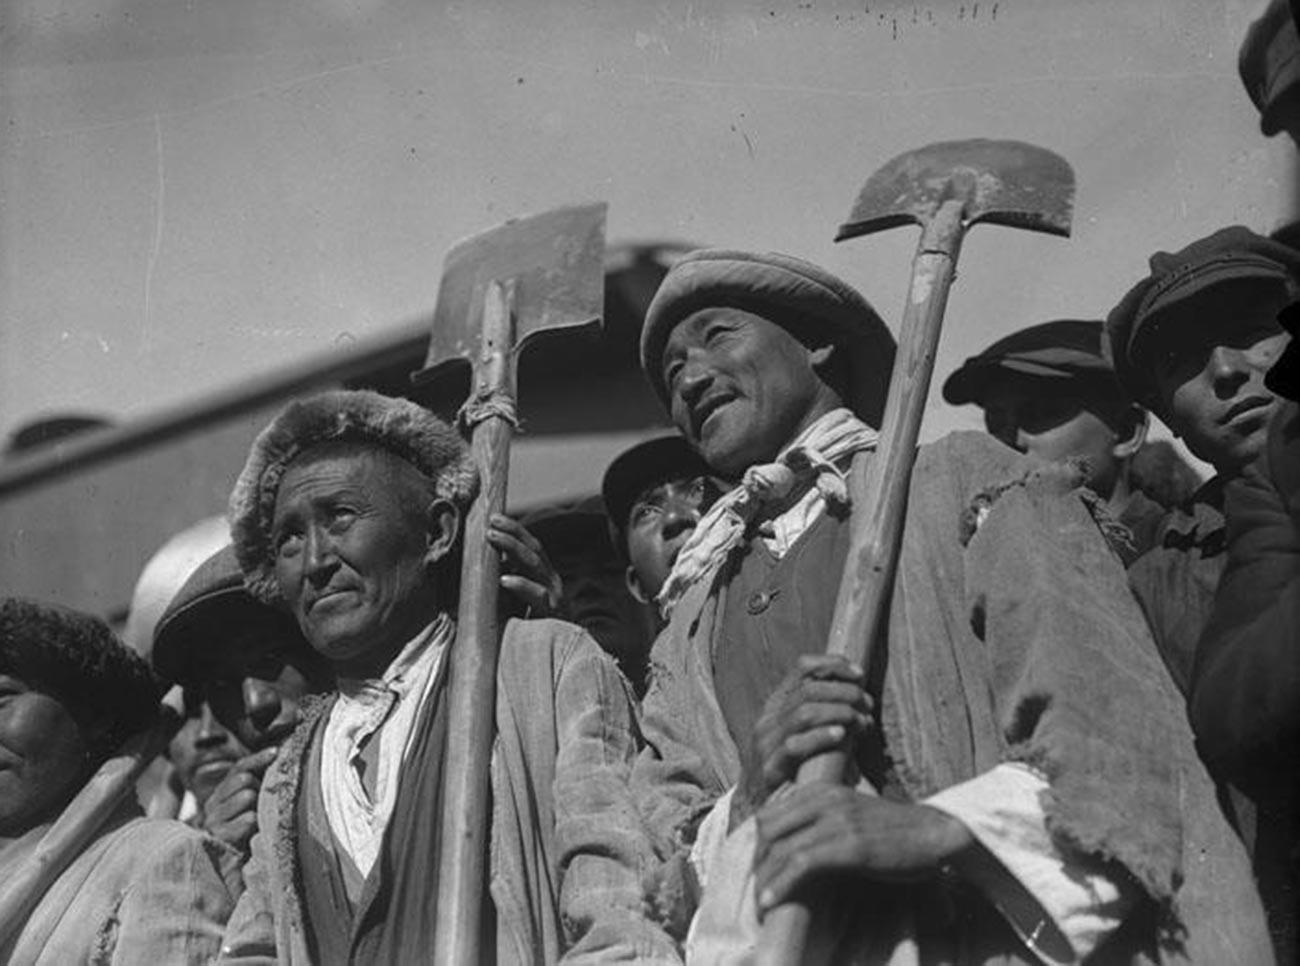 Kasachische Bauarbeiter der TURKSIB, einem der wichtigsten Projekte des ersten Fünfjahresplans der Industrialisierung. Die Eisenbahn verband Sibirien mit Kasachstan und Kirgisistan, 1930.